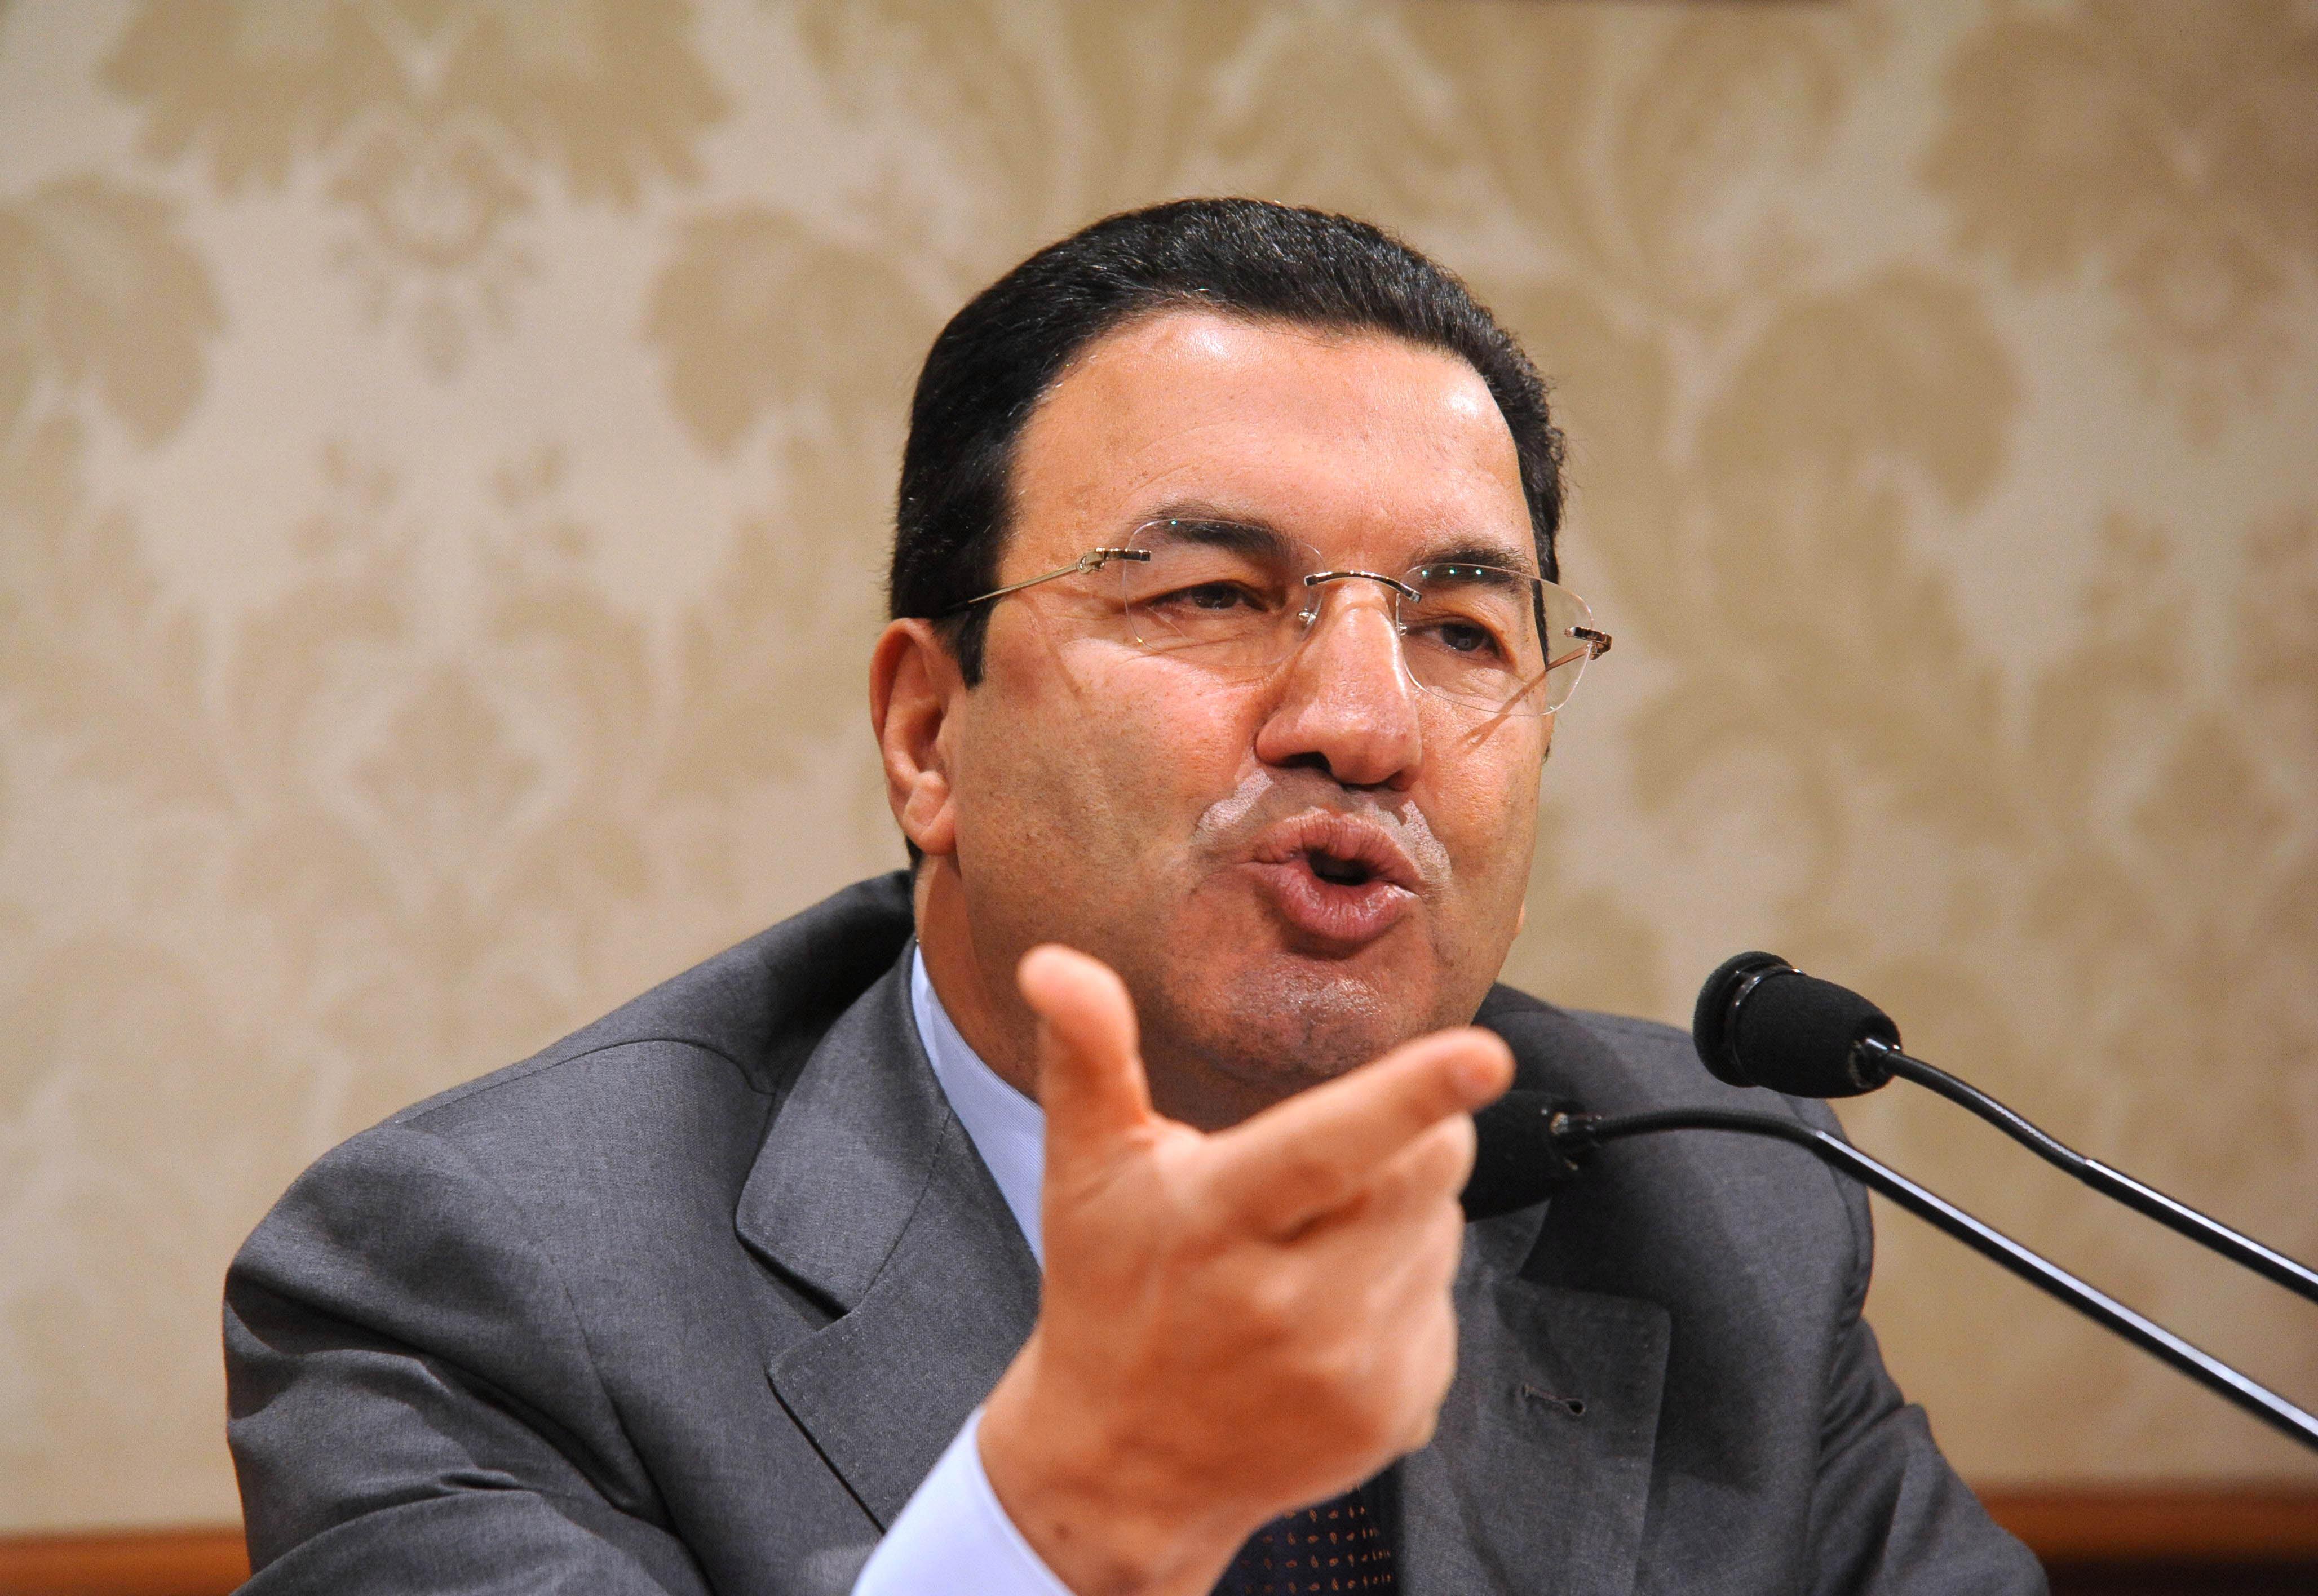 Il sottosegretario Gentile al Pd: «La 'ndrangheta avanza, è necessario assumere iniziative»